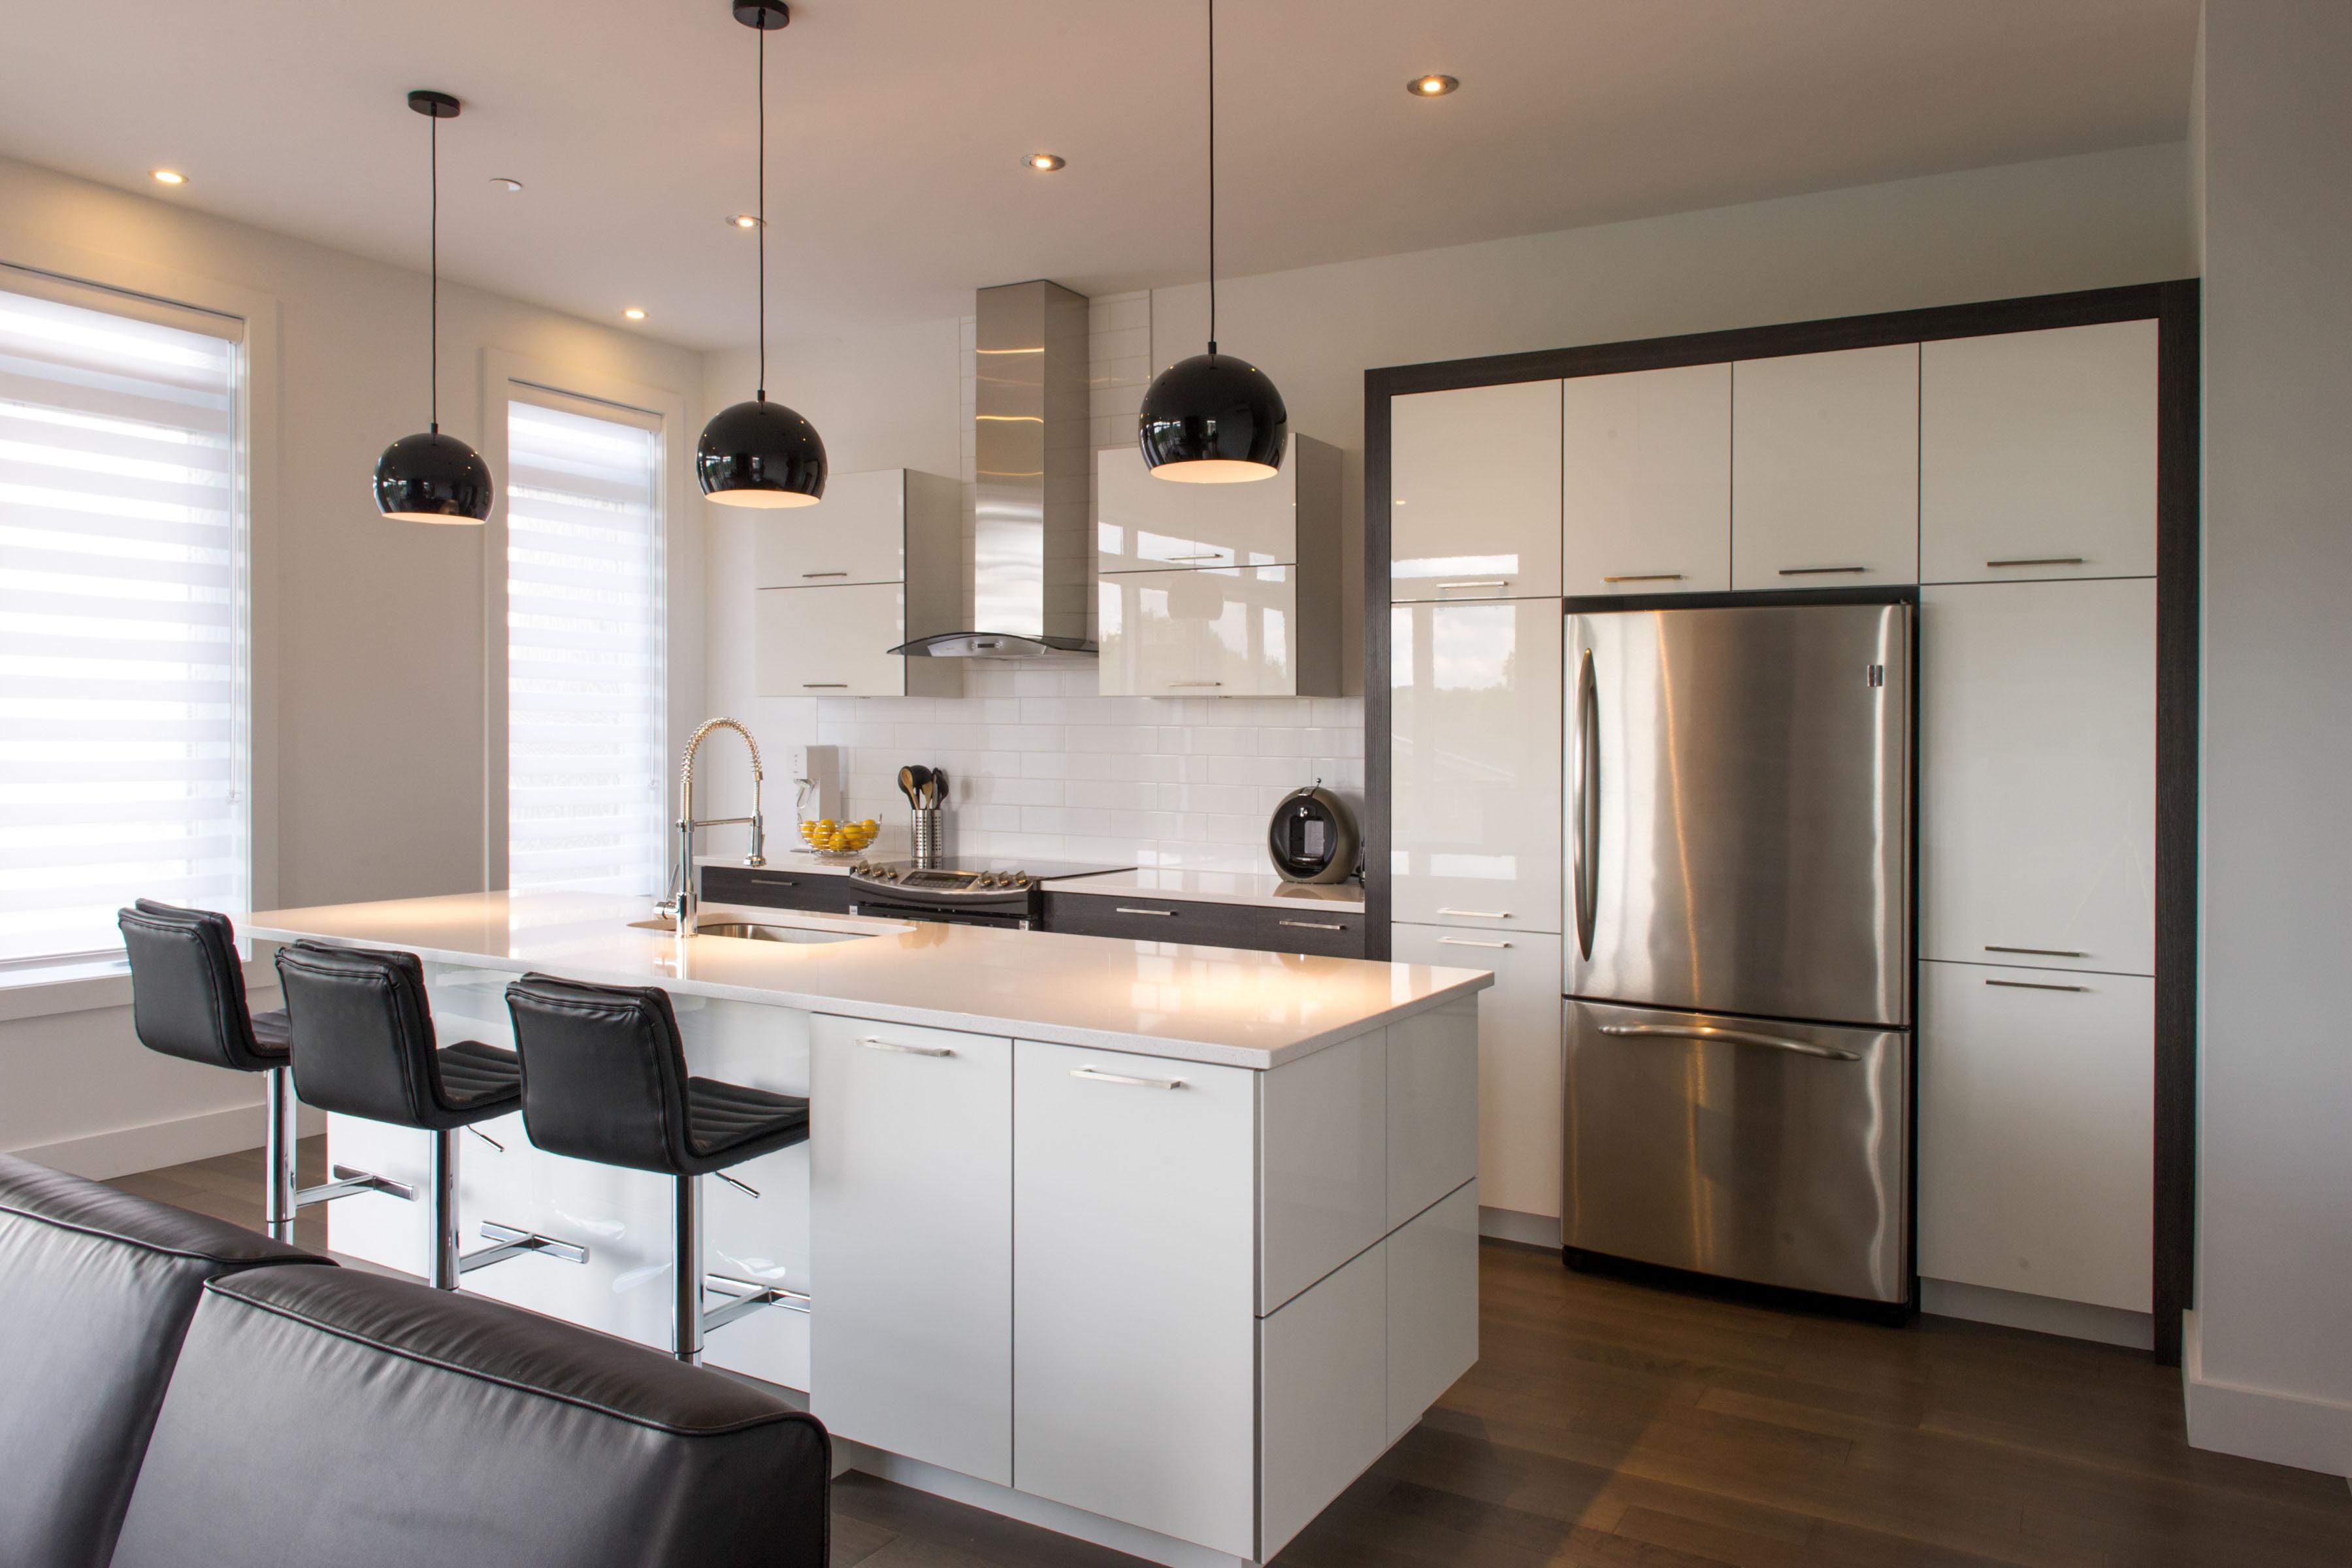 Condo moderne kalla cuisine design - Photo de cuisine design ...